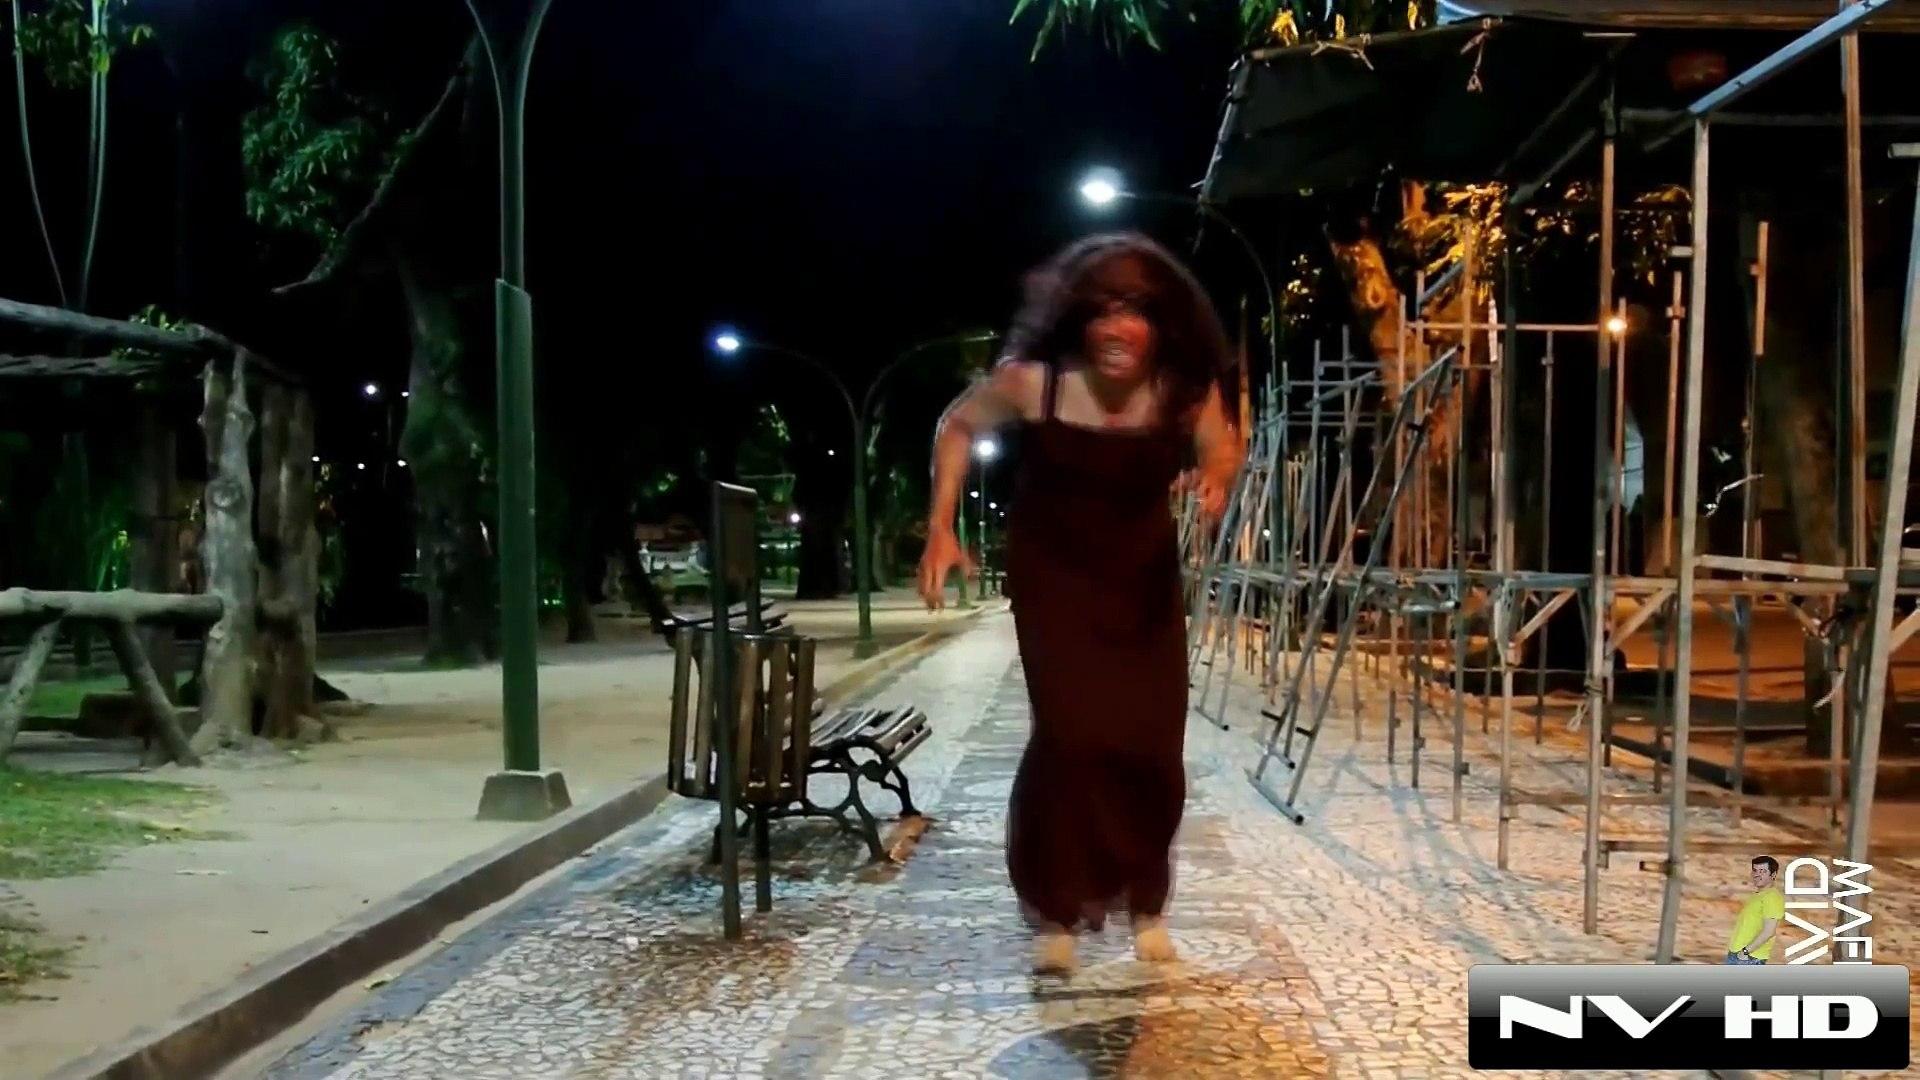 Ultimate Horror Pranks Compilation 2014 - Chasing Pranks - Murder Pranks - scary pranks !